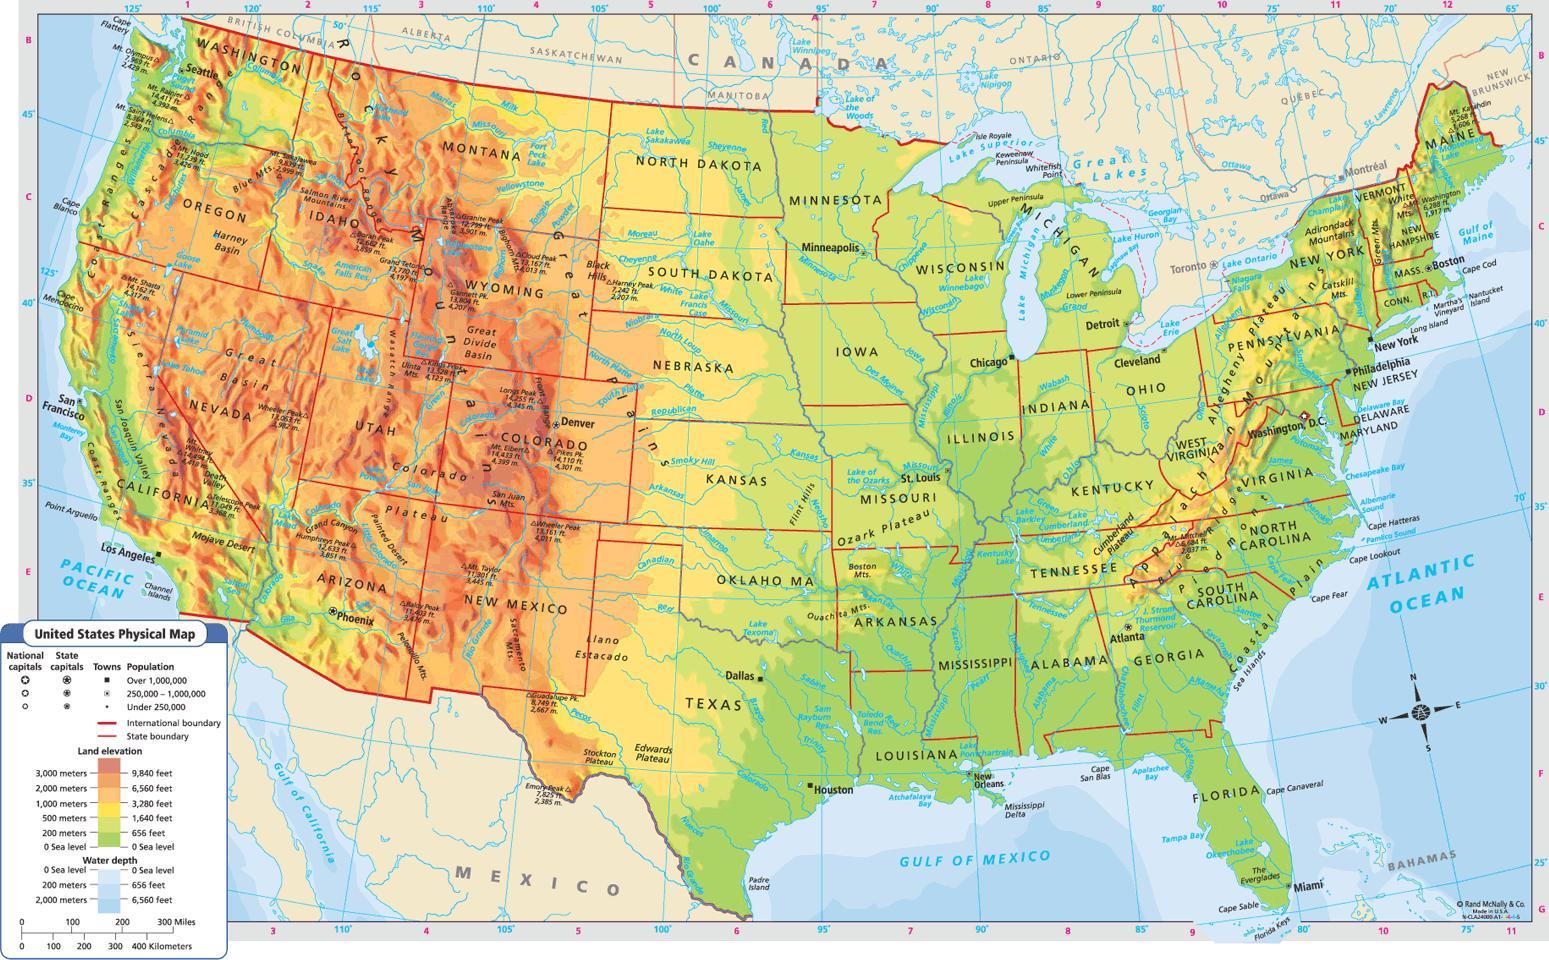 La Cartina Geografica Degli Stati Uniti.Mappa Geografica Degli Stati Uniti Mappa Geografica Degli Stati Uniti America Del Nord America